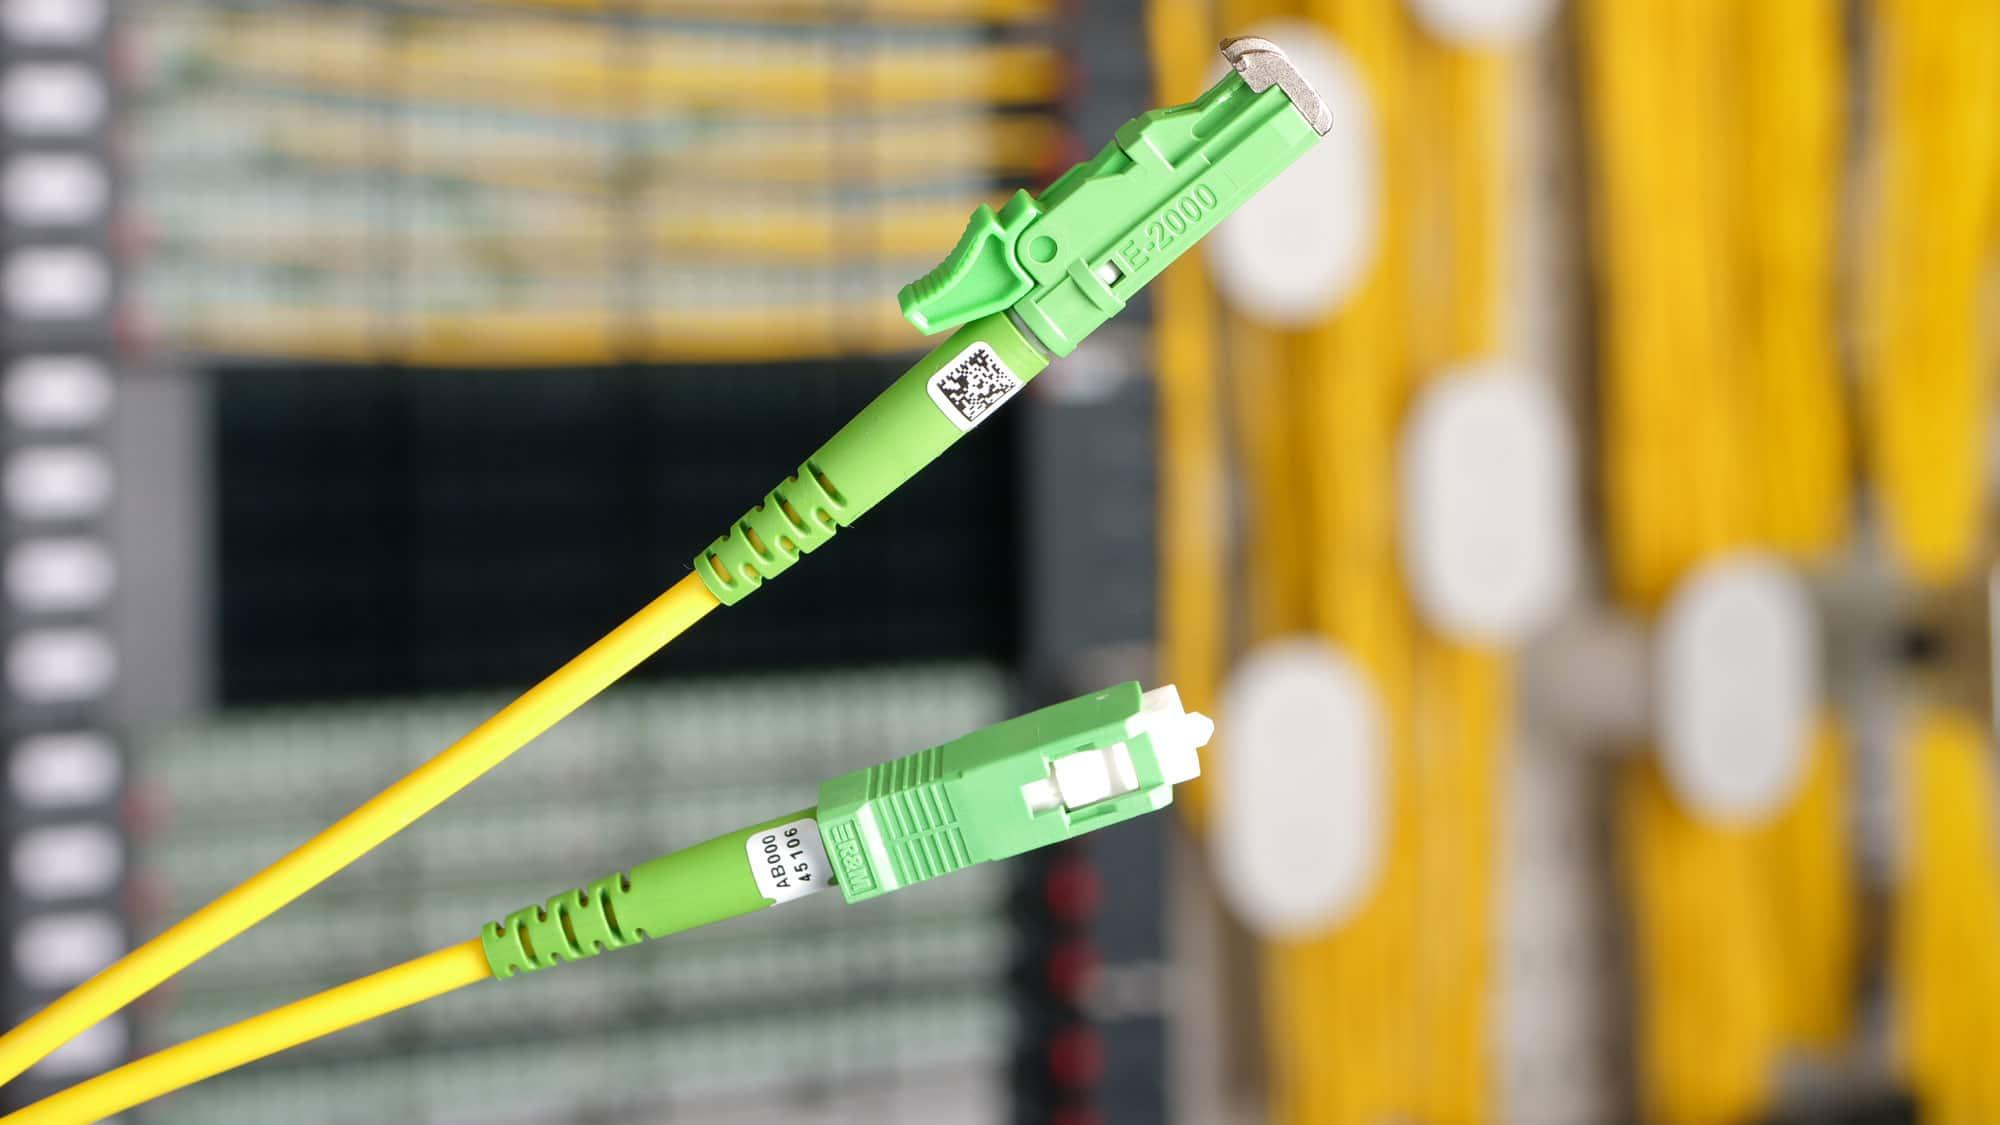 R&M digitalisiert das «Persönlichkeitsprofil» jedes Steckers. Mit DataMatrix-Code können die Messwerte abgerufen werden. Digitale Netzwerkdokumentation ersetzt Handarbeit und Stapel von Papier.